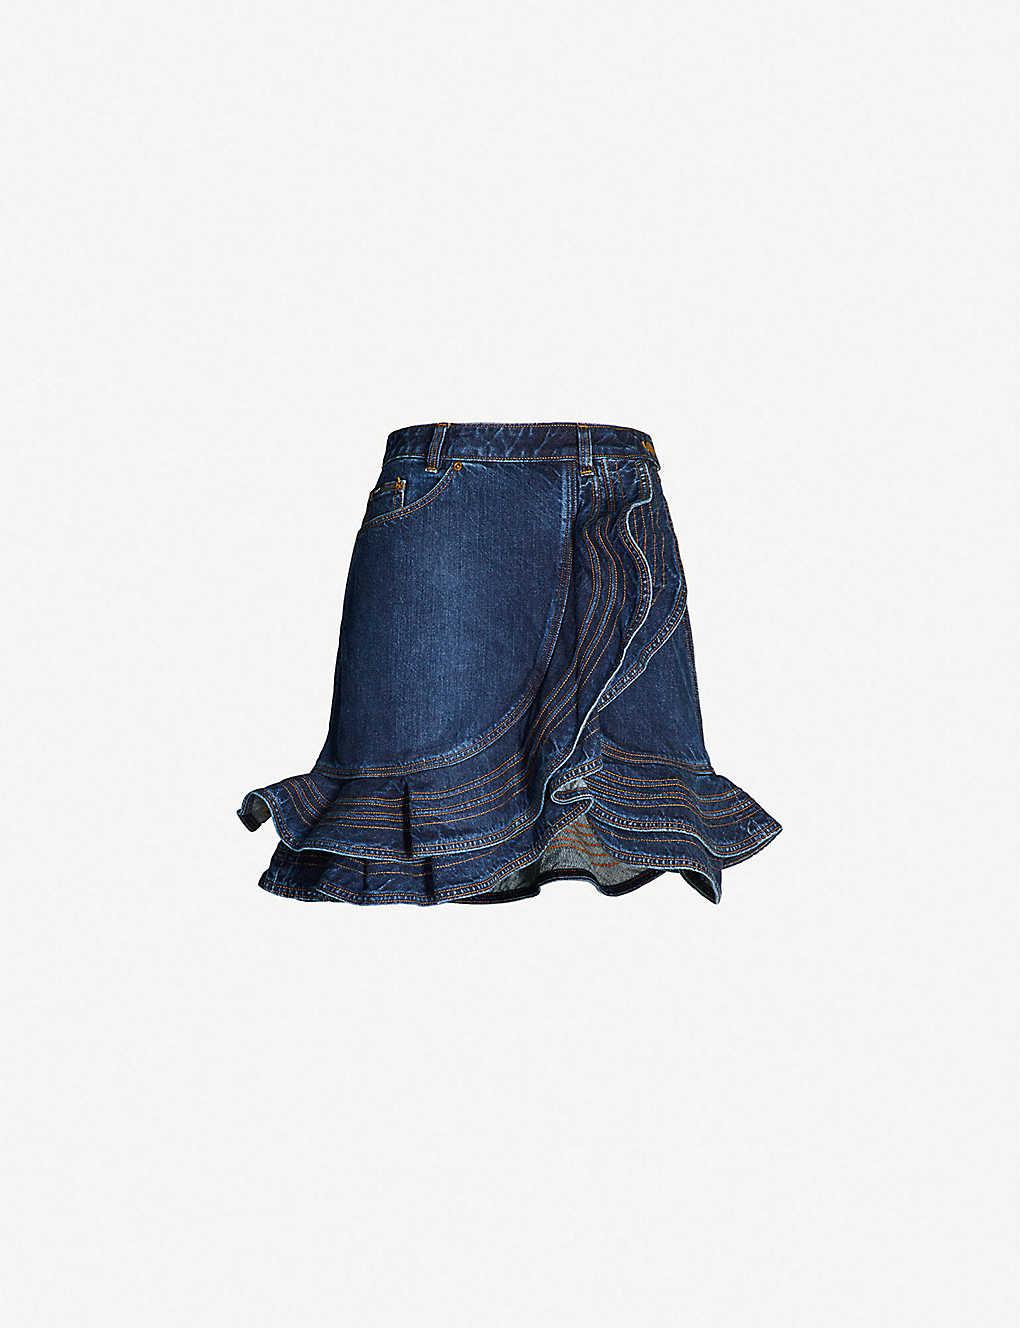 7338fe9d8 Indian Wrap Around Skirts Australia